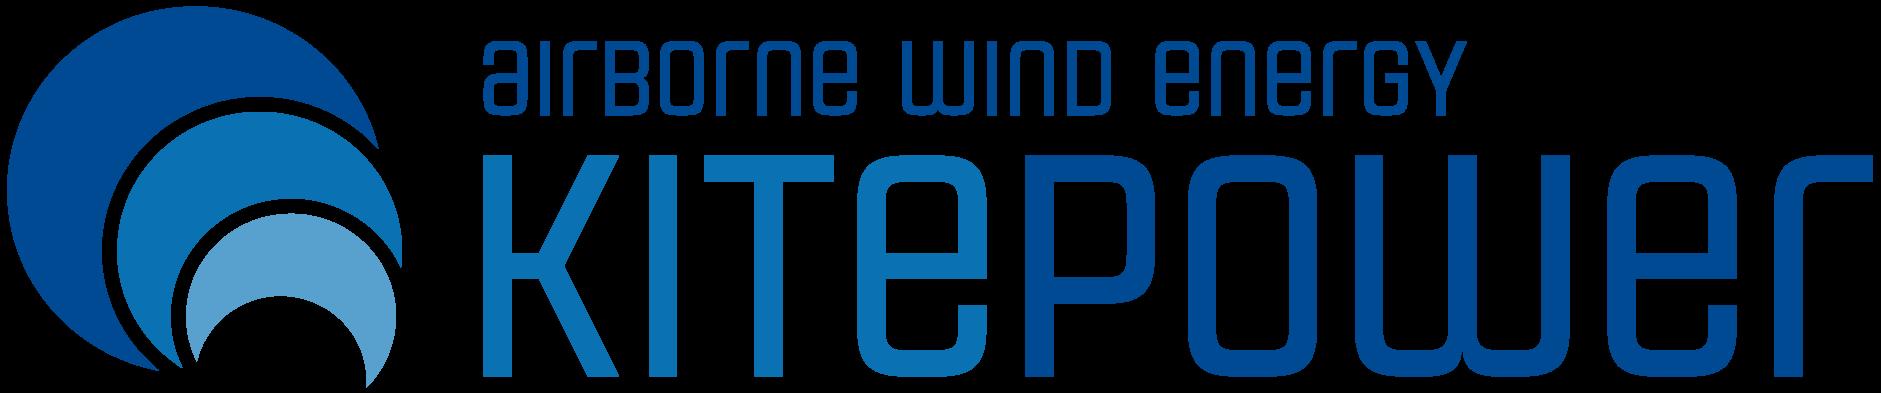 Airborne Wind Energy Kitepower